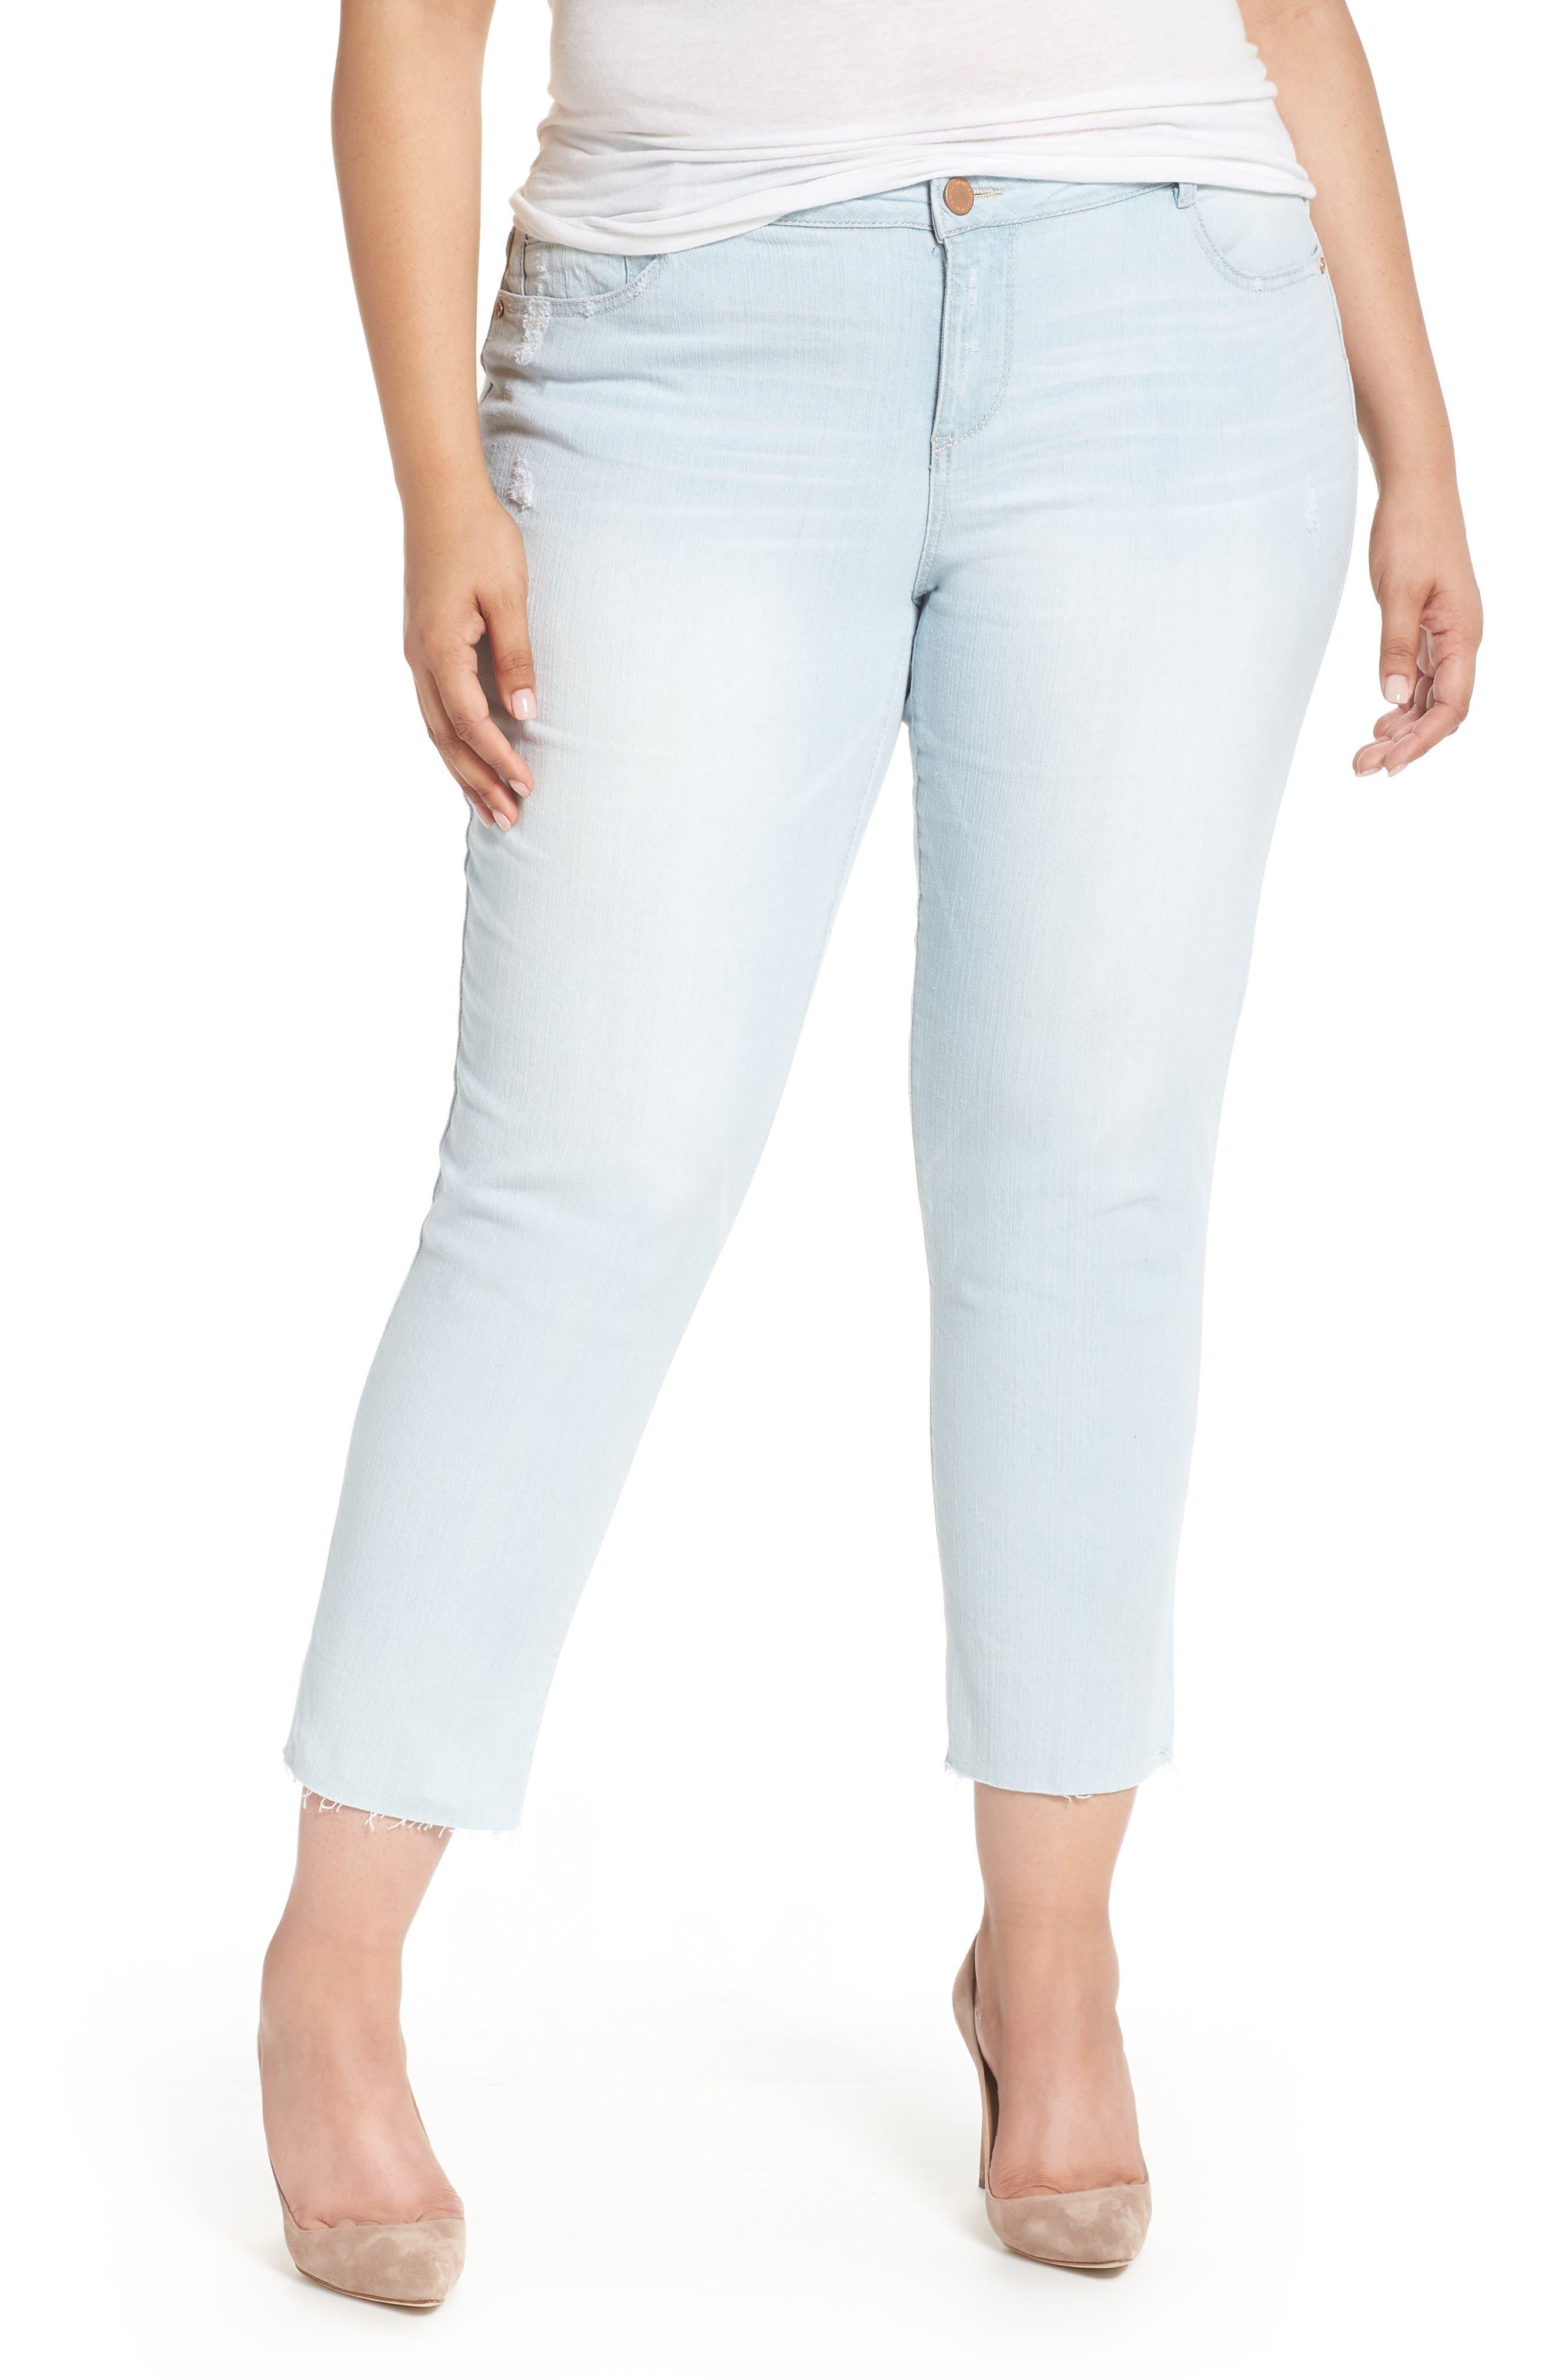 Wit & Wisdom Flex-ellent Distressed Boyfriend Jeans (Nordstrom Exclusive) (Plus Size)